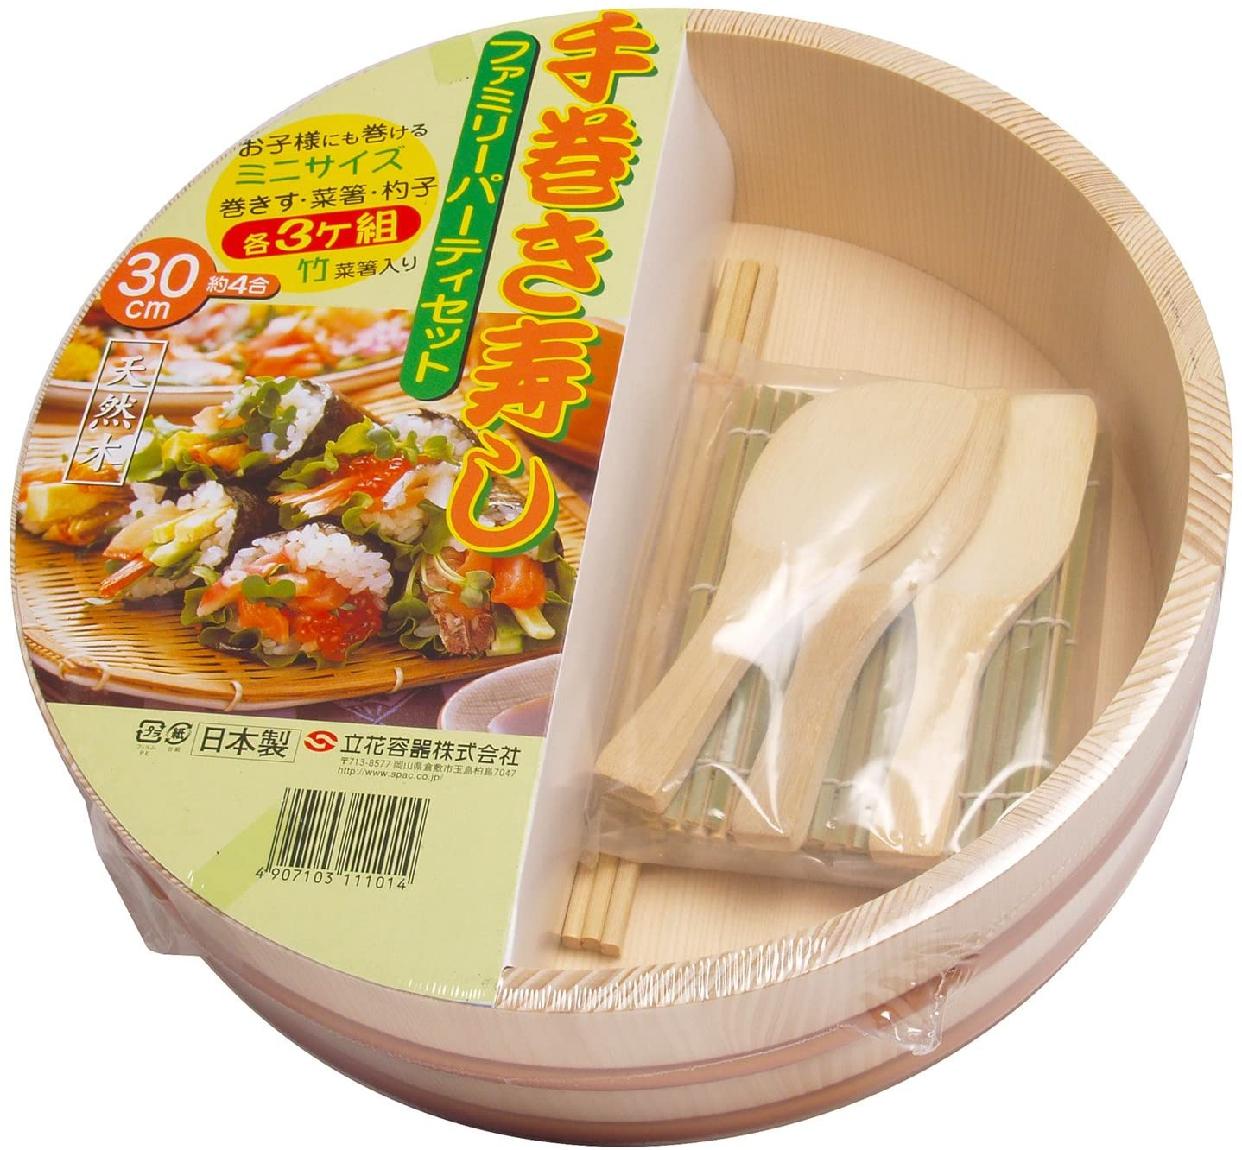 立花容器 寿司桶 手巻き寿司 セット 30cmの商品画像